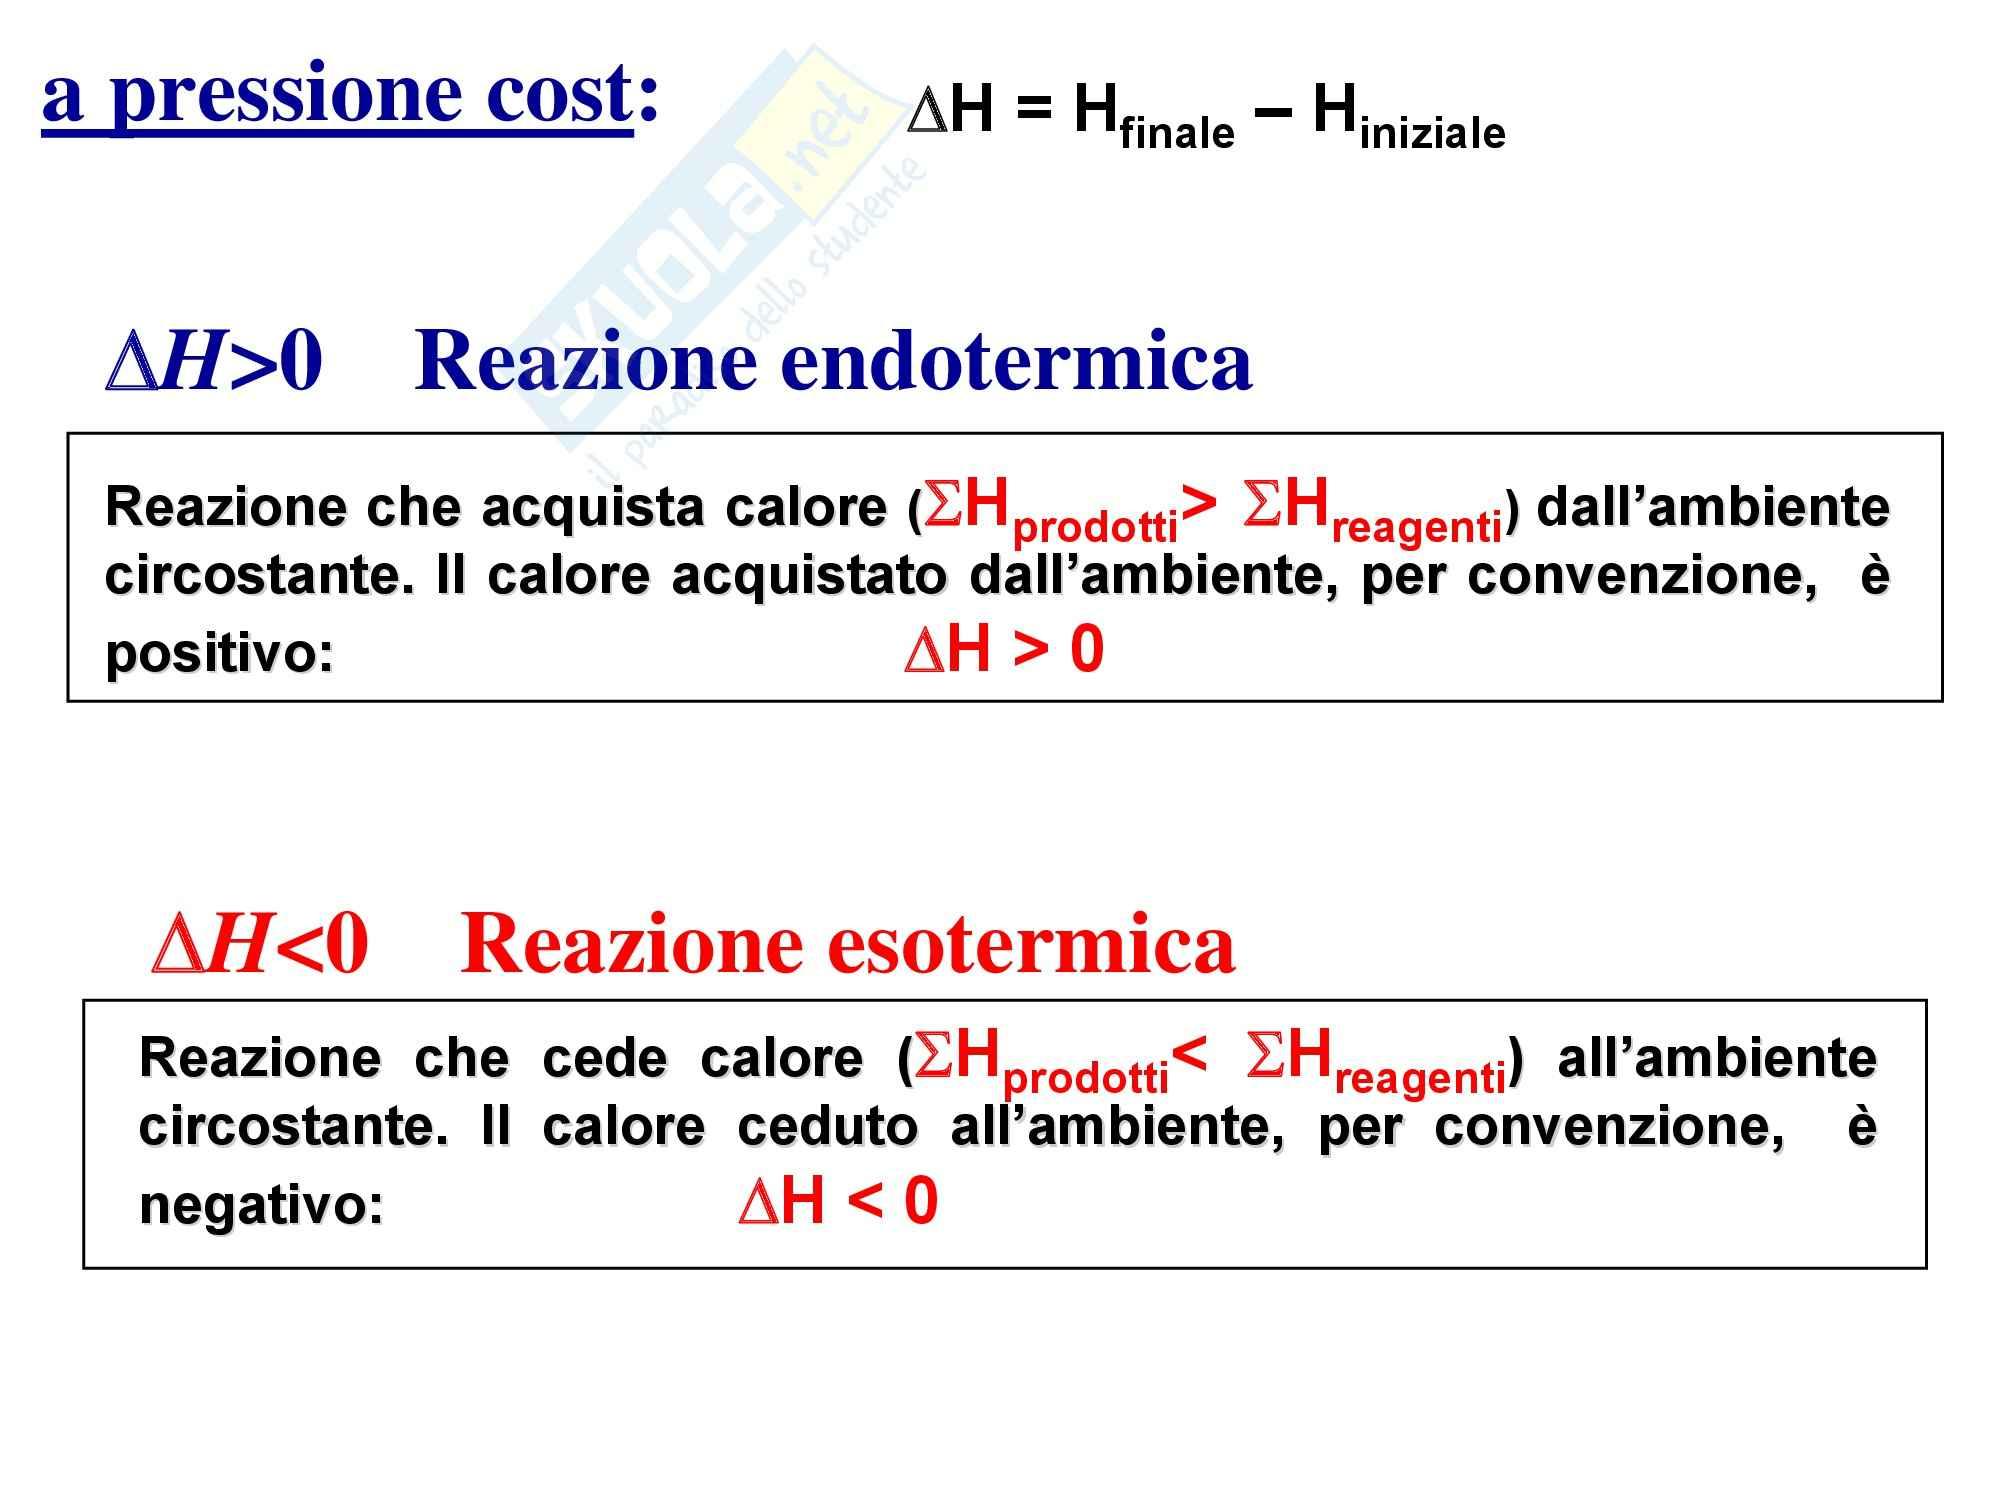 Chimica generale - il calore di reazione Pag. 2